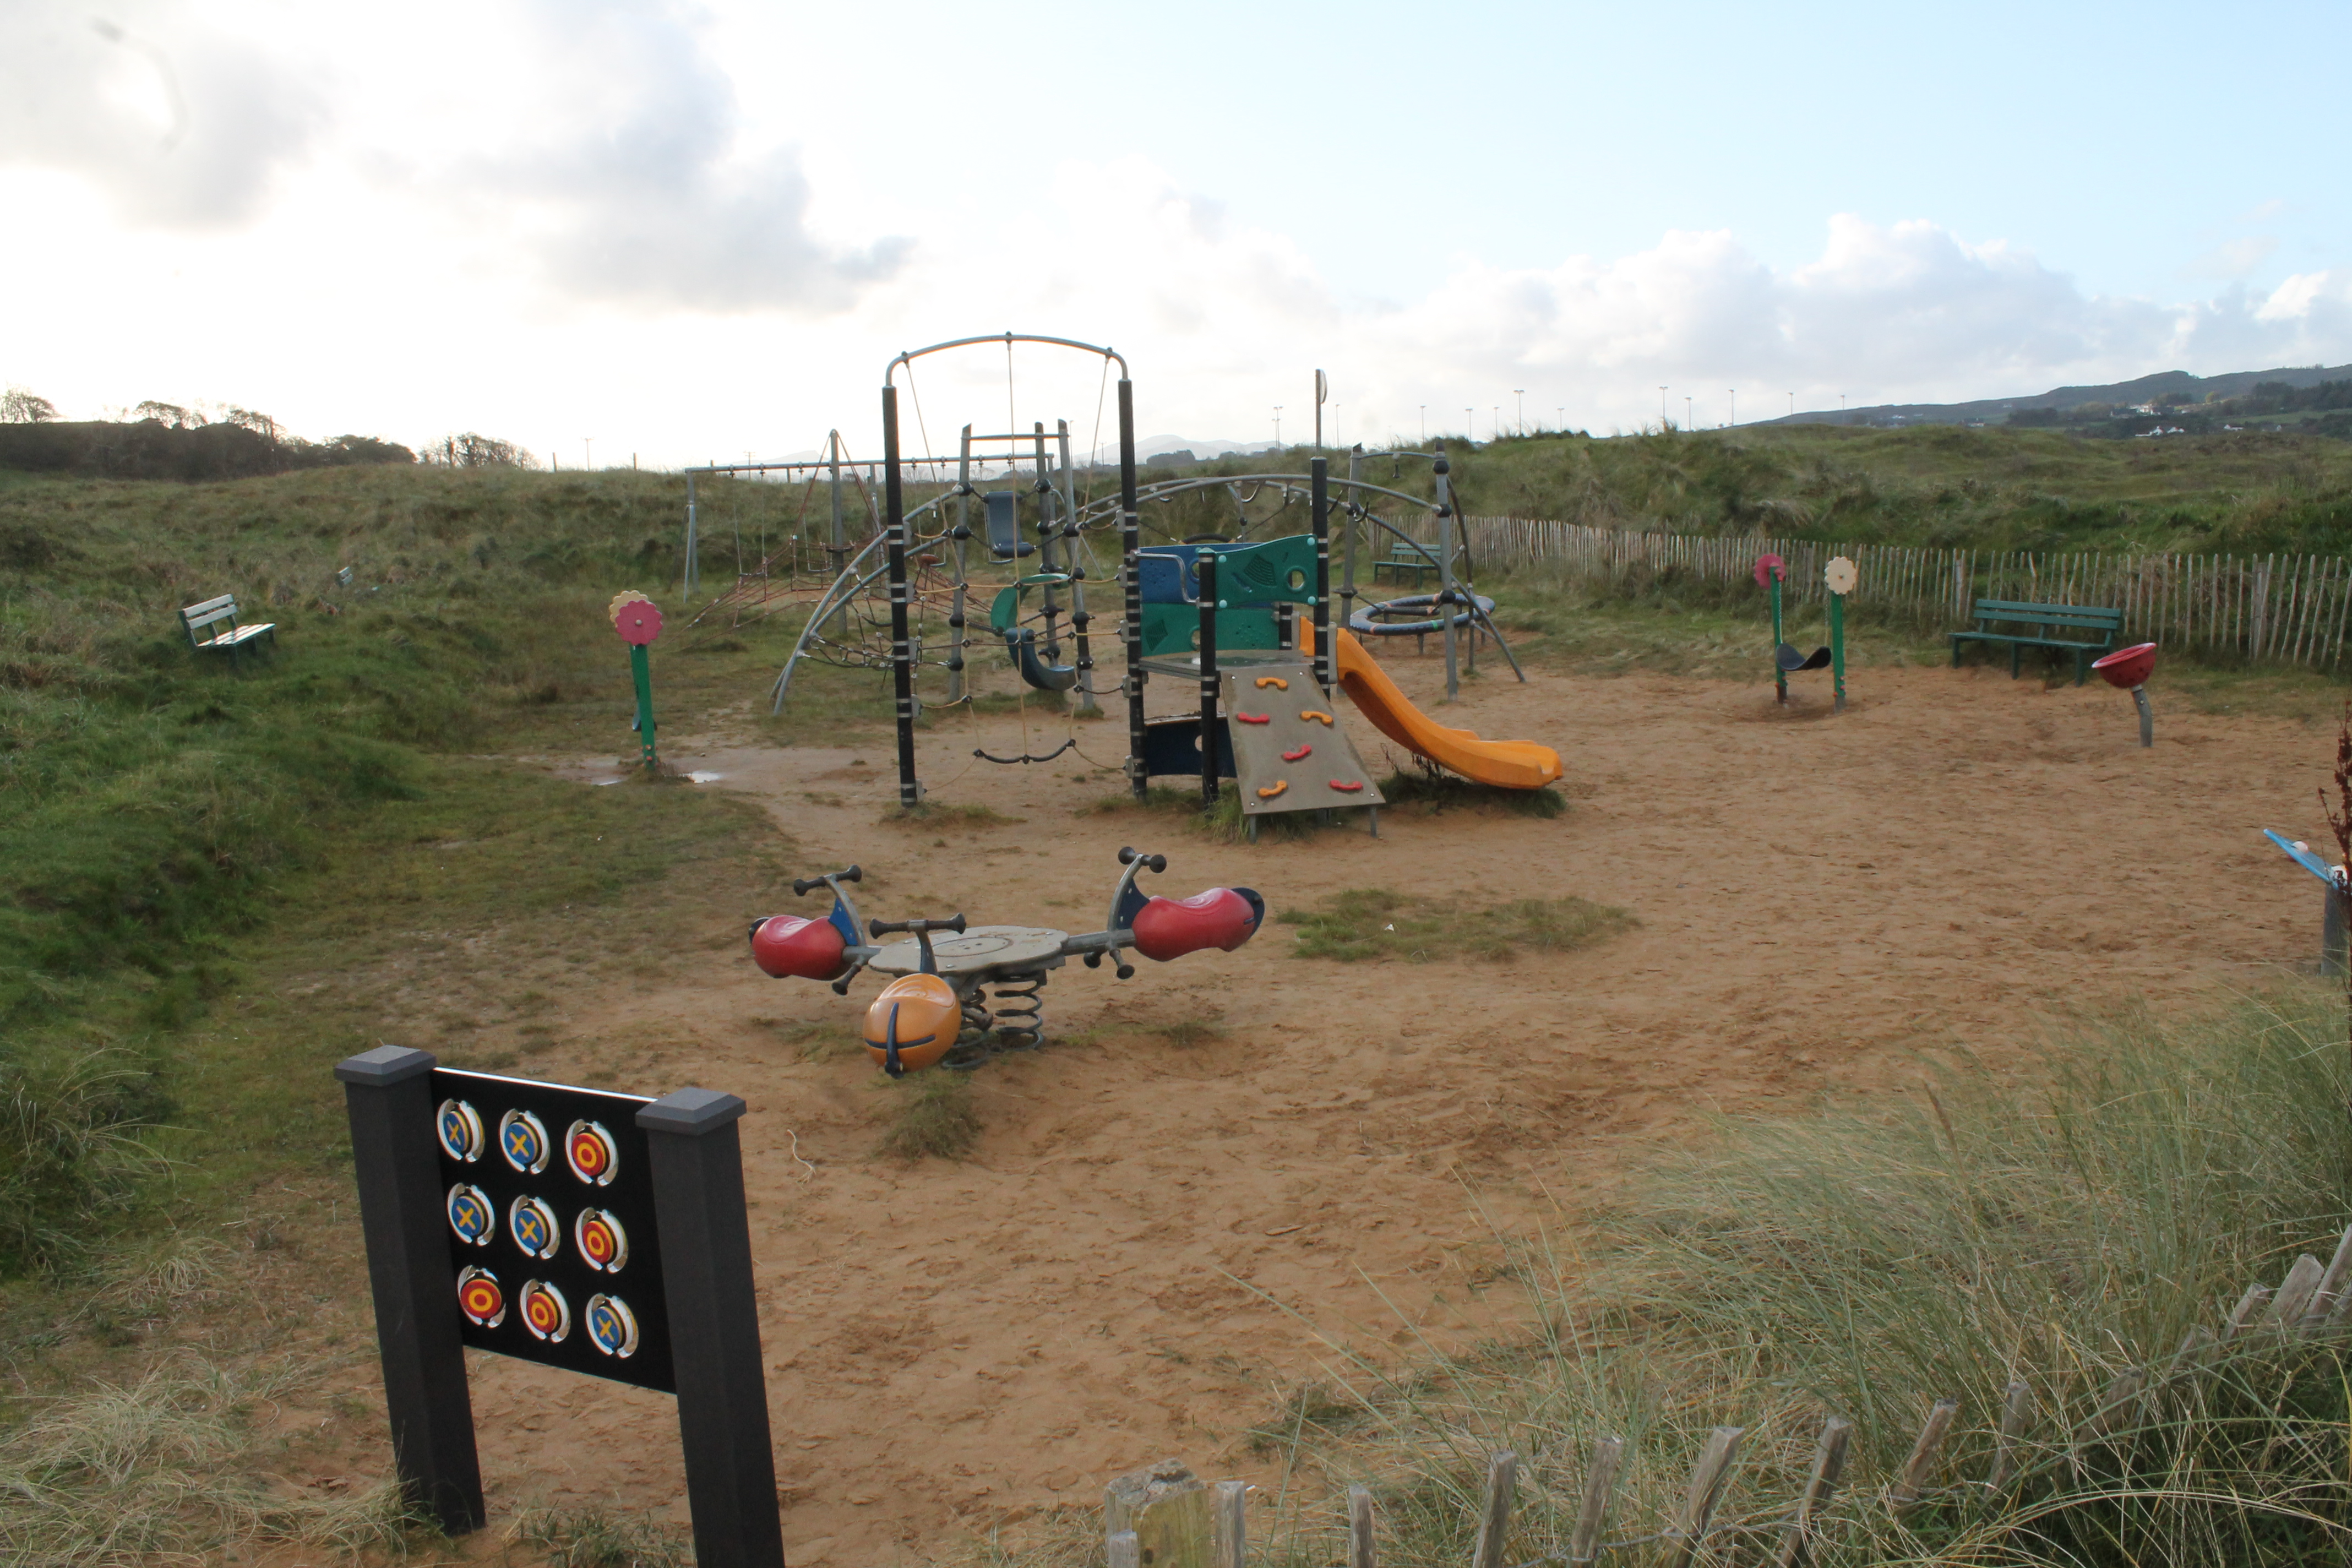 Culdaff play park